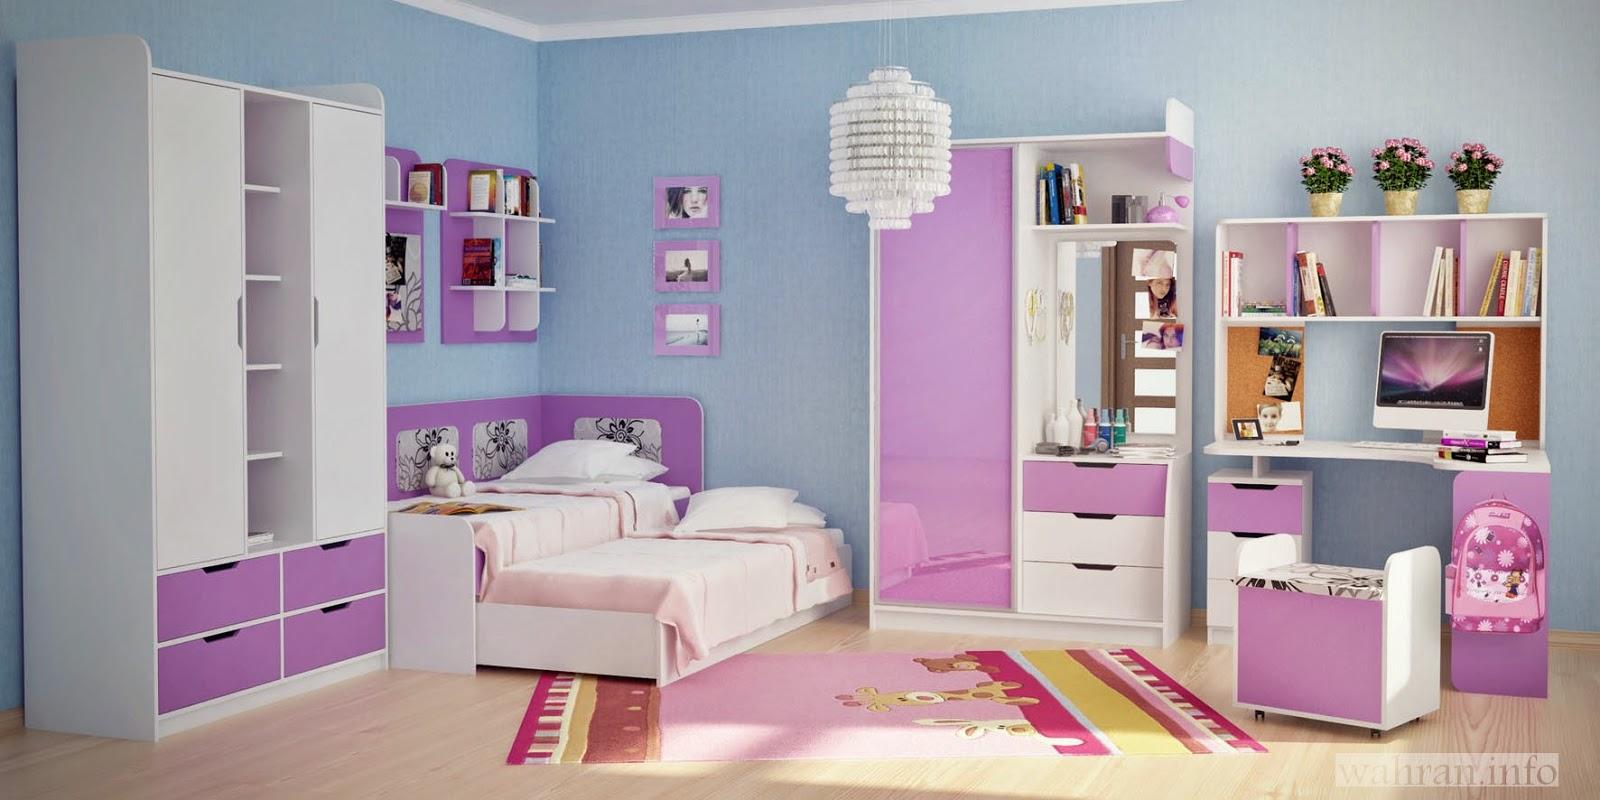 بالصور غرف نوم اطفال بنات , صور اجمل الغرف للبنات الصغيره تحفه 464 15